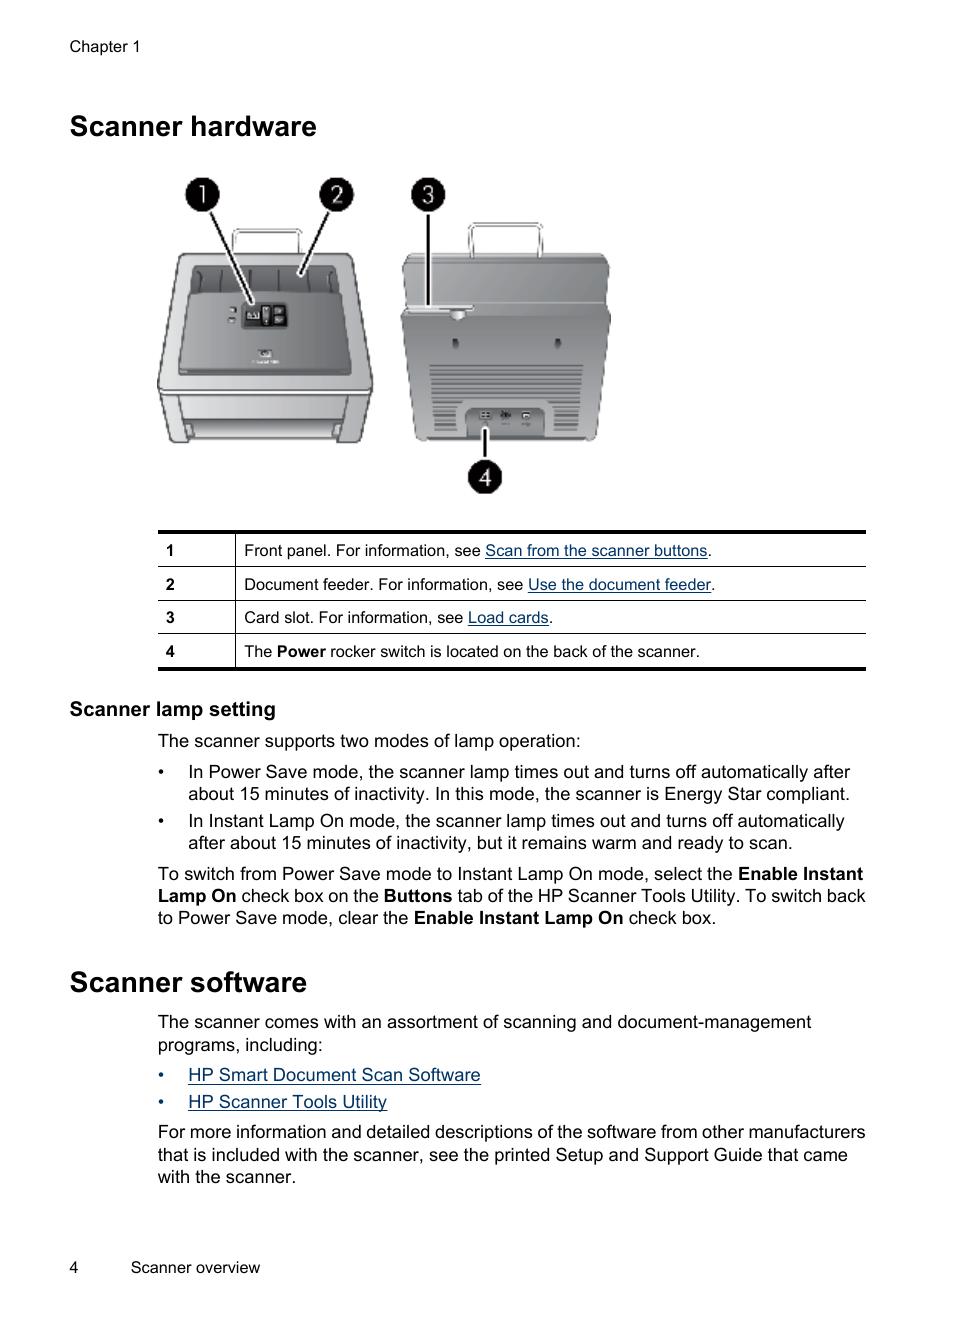 scanner hardware scanner lamp setting scanner software hp rh manualsdir com HP Pavilion Desktop Manuals hp designjet 4500 scanner user manual